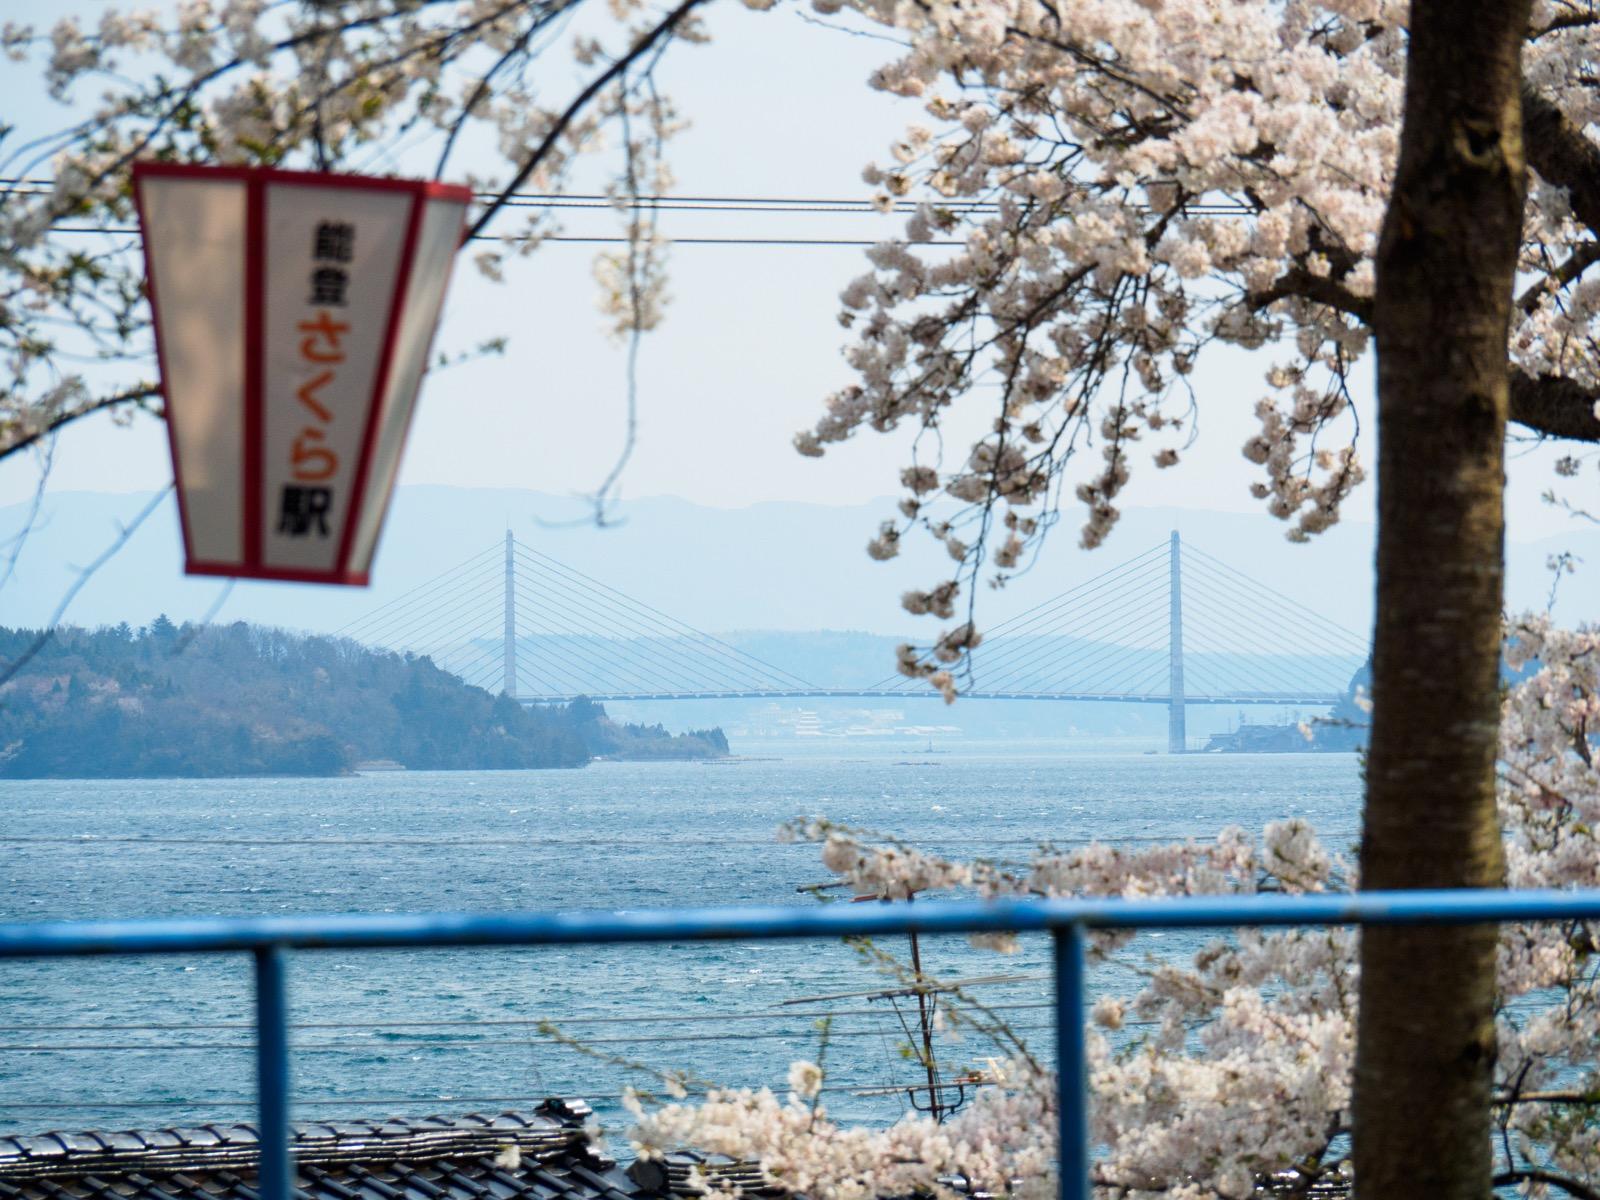 能登鹿島駅から見える「ツインブリッジのと」